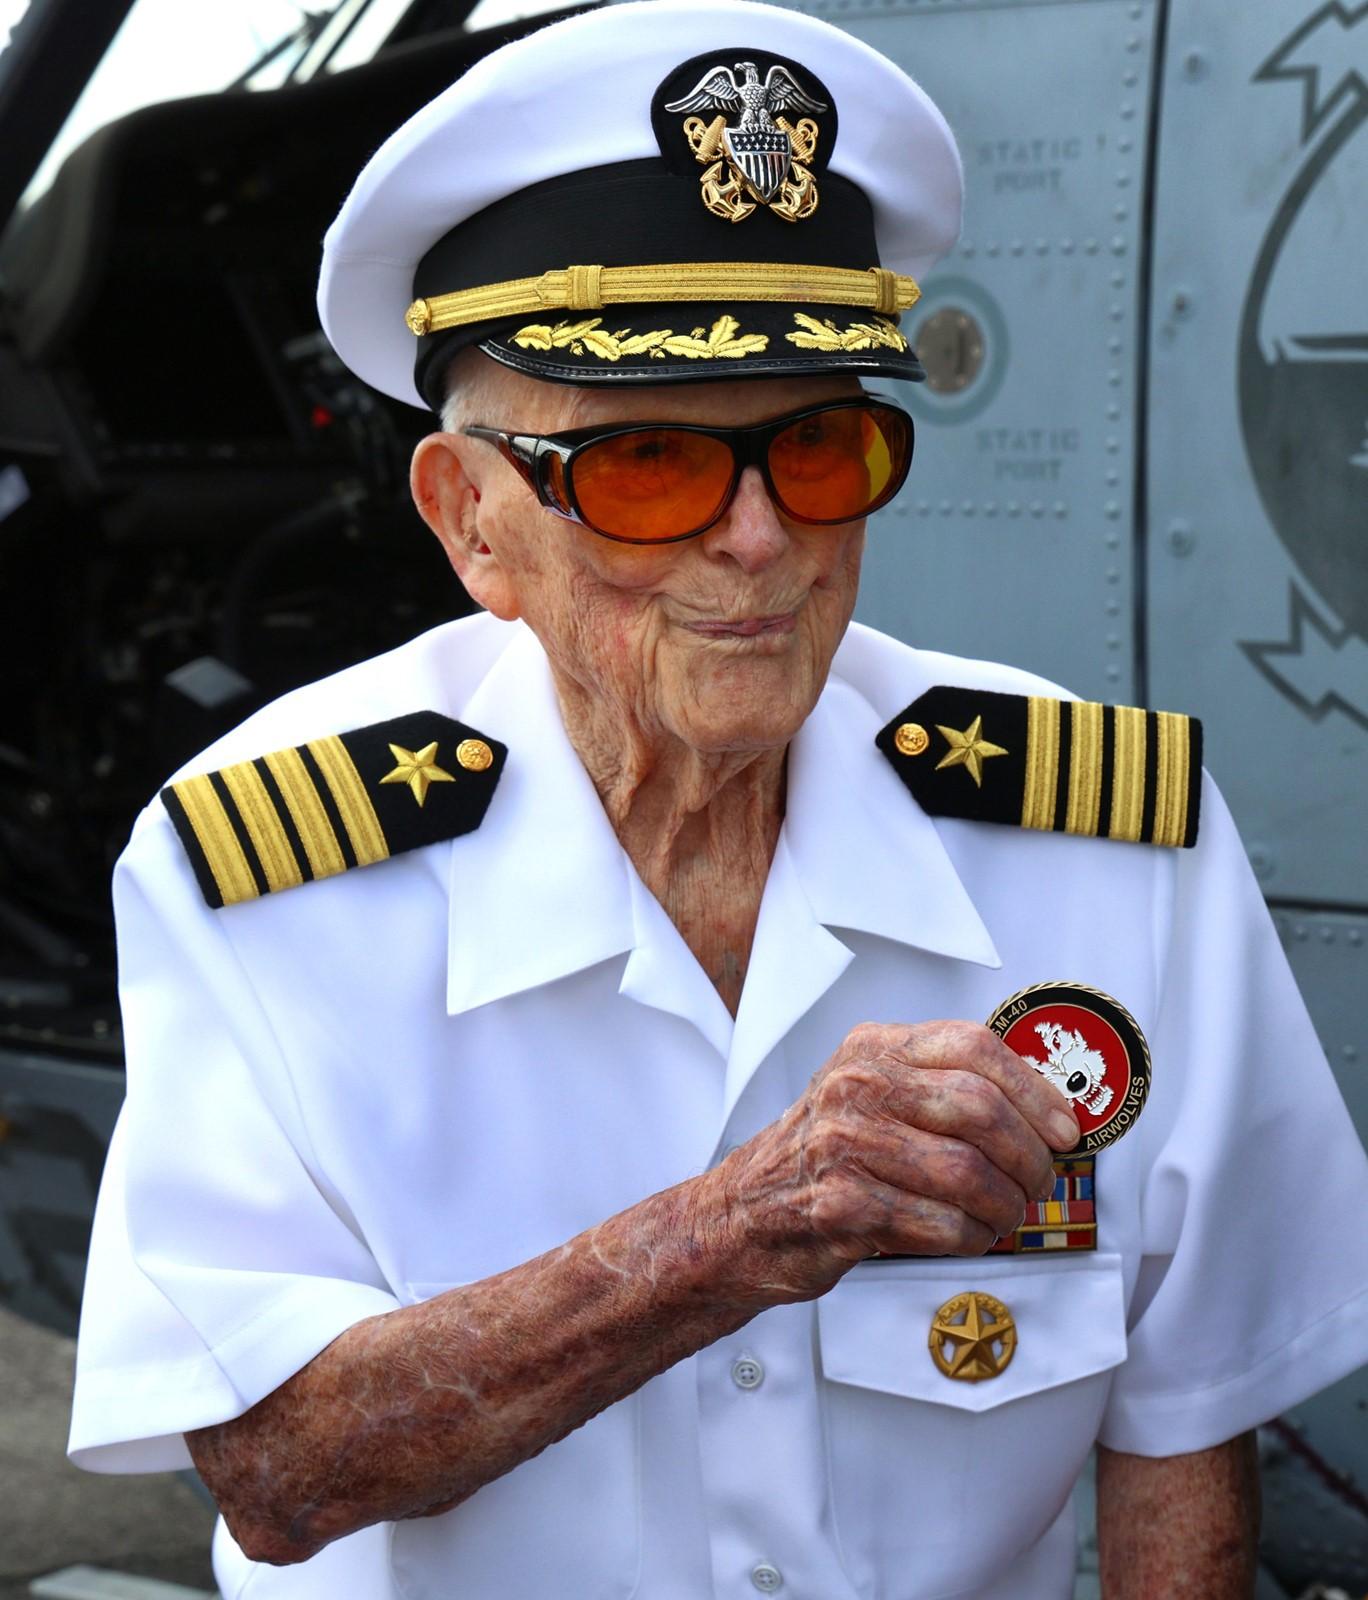 OS_IC_1016691691_1016719679_004-0815_-oldest-ww2-veteran-dies_7.jpg